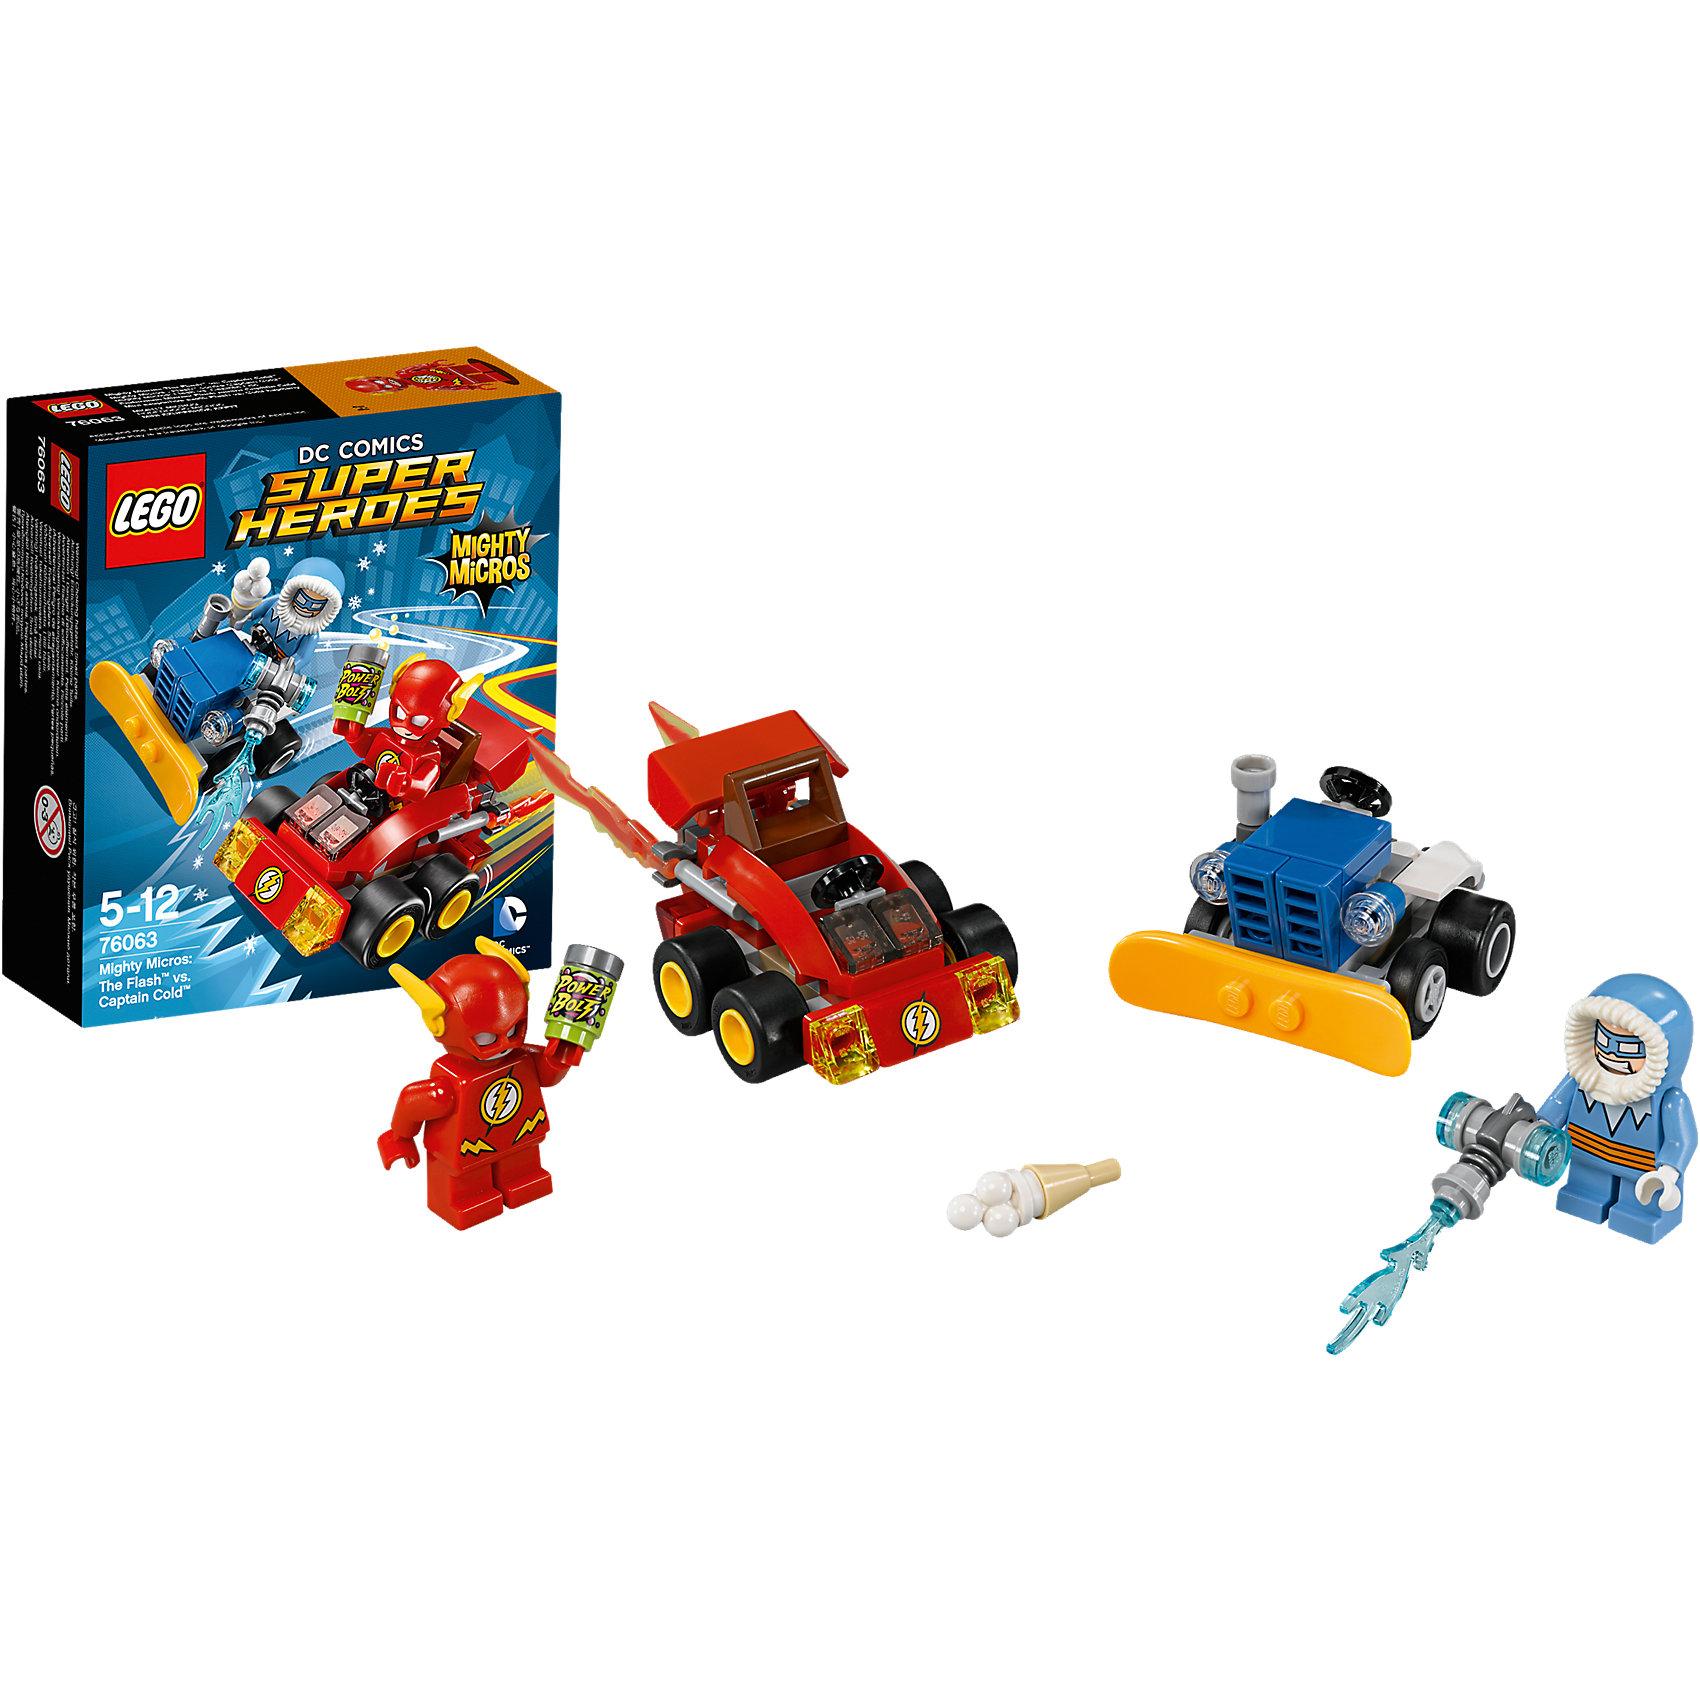 LEGO Super Heroes 76063: Флэш против Капитана ХолодаПластмассовые конструкторы<br>Выпей энергетического напитка и разгони машину Флэша до максимальной скорости. Но осторожно— Капитан Холод стреляет из своего замораживающего ружья, установленного на снегоочистительной машине, чтобы заморозить дорогу. Уворачивайся от льда и догоняй этого леденящего кровь злодея!<br><br>LEGO Super Heroes (ЛЕГО Супер Герои) - серия конструкторов созданная специально по мотивам всеми известных комиксов. Спасай мир и борись со злом вместе с любимыми супергероями! Наборы серии можно комбинировать между собой, давая безграничные просторы для фантазии и придумывая свои новые истории. <br><br>Дополнительная информация:<br><br>- Конструкторы ЛЕГО развивают усидчивость, внимание, фантазию и мелкую моторику. <br>- 2 минифигурки в комплекте: Флэш, Капитан Холод.  <br>- В комплекте 2 минифигурки, машина Флэша, снегоочистительная машина Капитана Холод. <br>- Колеса машин вращаются.<br>- Количество деталей: 89.<br>- Серия ЛЕГО Супер Герои (LEGO Super Heroes).<br>- Материал: пластик.<br>- Размер упаковки: 14х4,6х12 см.<br>- Вес: 0.09 кг.<br><br>Конструктор LEGO Super Heroes 76063: Флэш против Капитана Холода купить в нашем магазине.<br><br>Ширина мм: 144<br>Глубина мм: 121<br>Высота мм: 50<br>Вес г: 83<br>Возраст от месяцев: 60<br>Возраст до месяцев: 144<br>Пол: Мужской<br>Возраст: Детский<br>SKU: 4259165